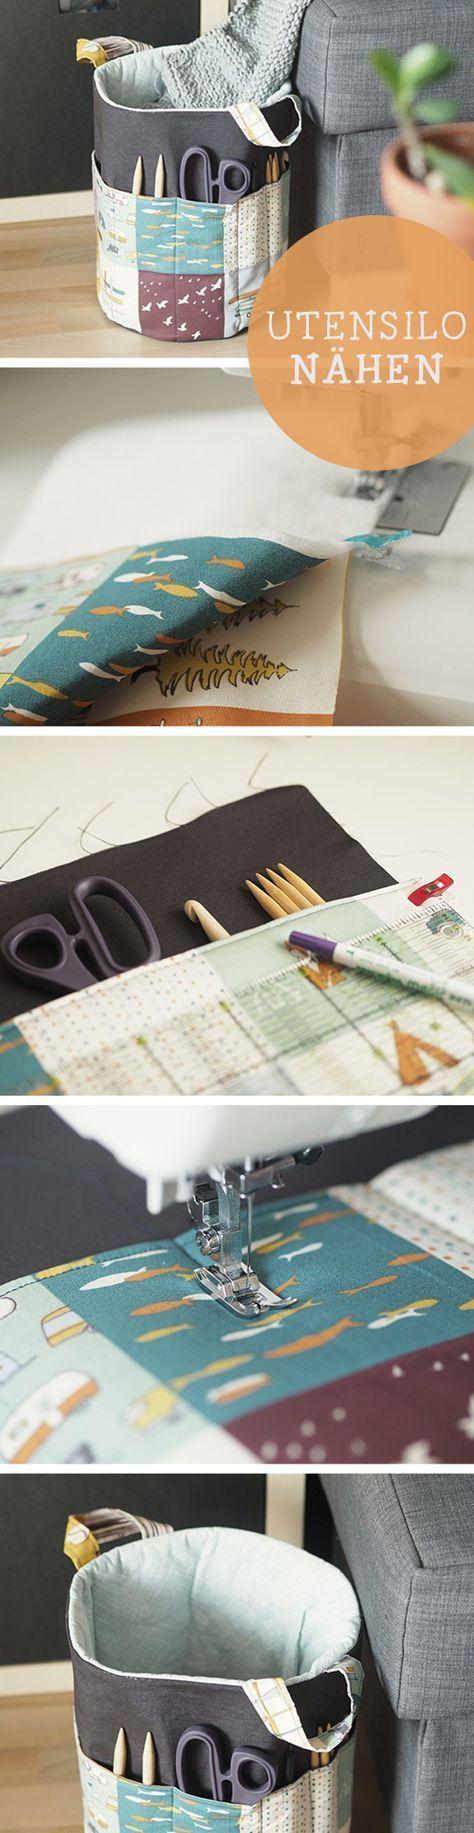 DIY-Anleitung für ein praktisches und großes Utensilo / diy tutorial: sew you own utensilo via DaWanda.com